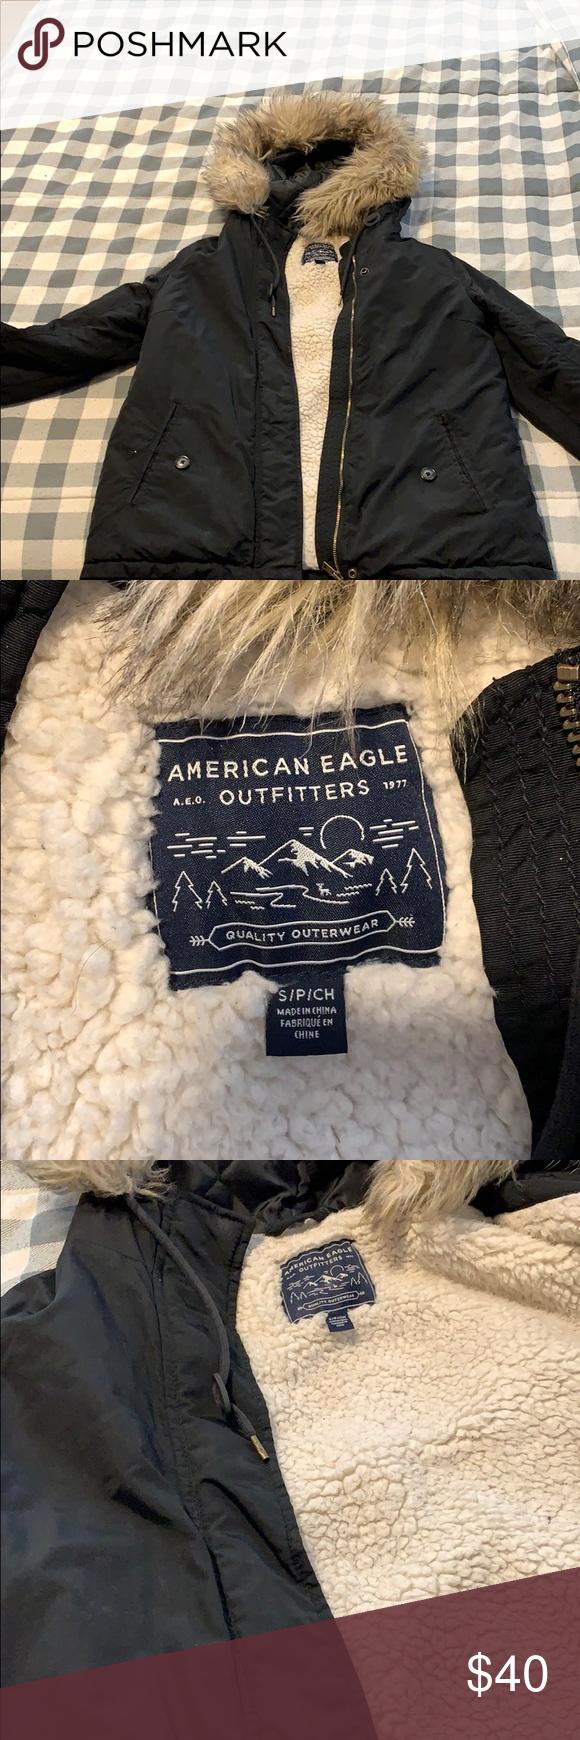 Women S American Eagle Winter Jacket In 2020 Winter Jackets American Eagle American Eagle Outfitters Jackets [ 1740 x 580 Pixel ]